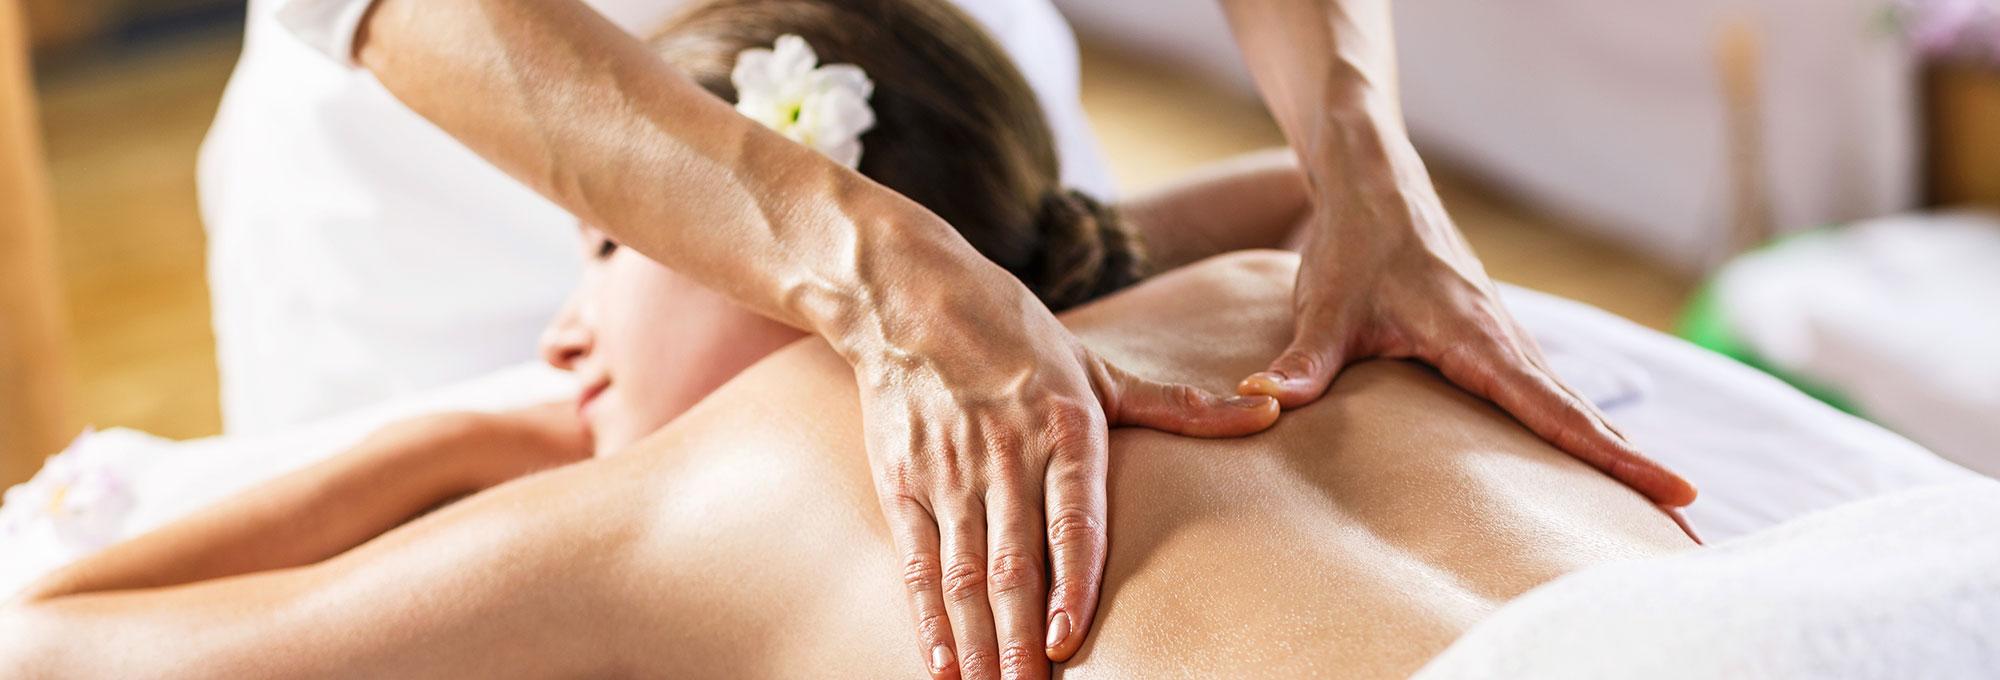 Massage- und Friseurservice im Hotel